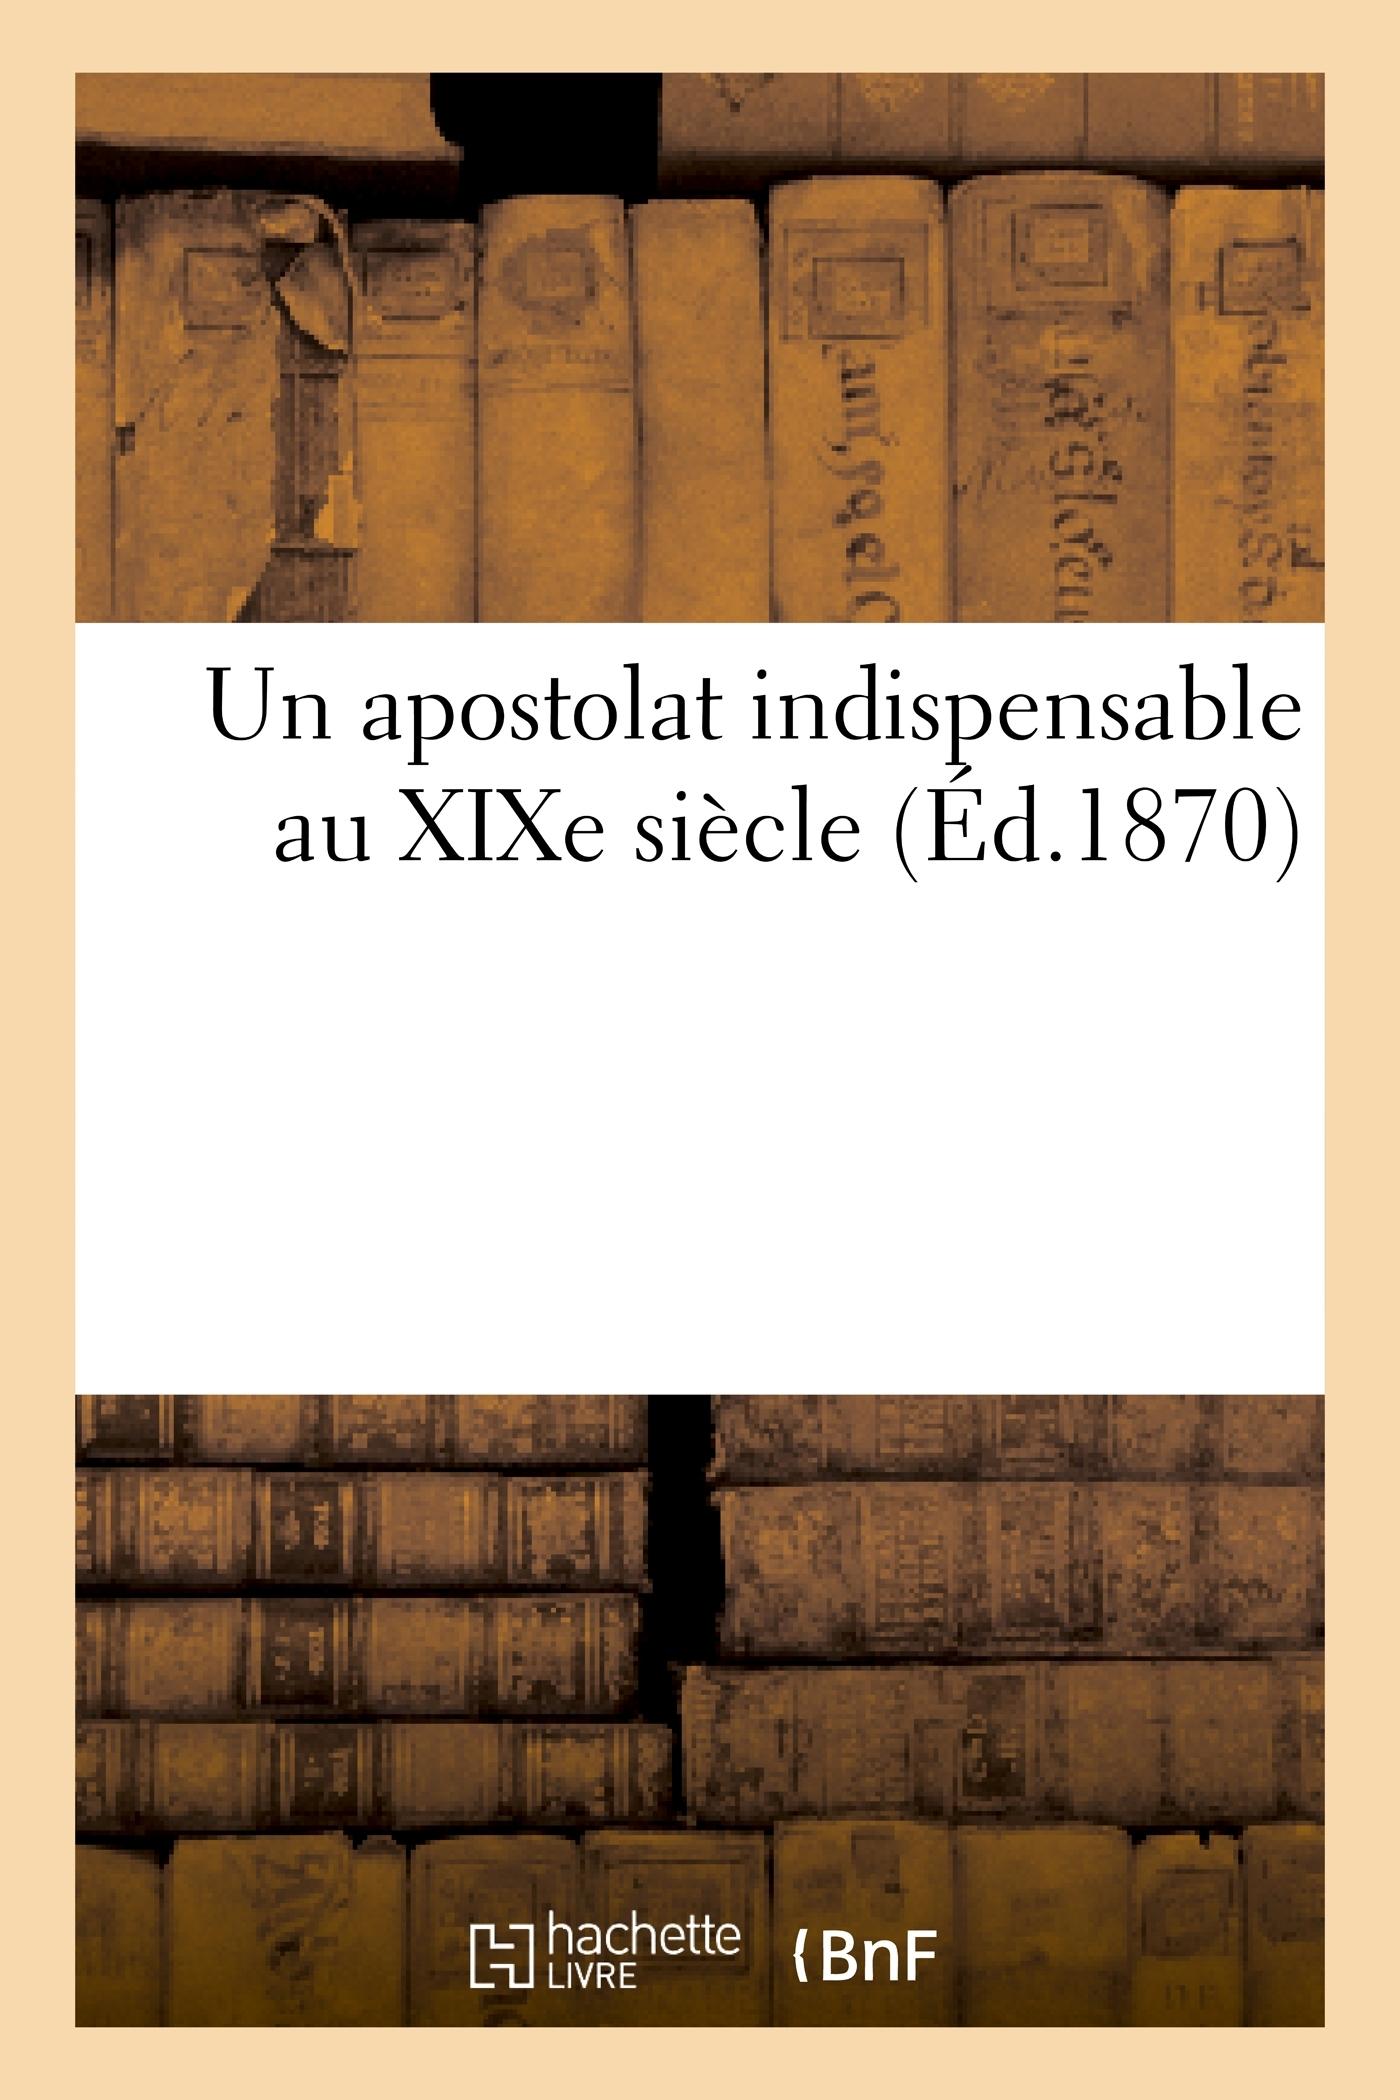 UN APOSTOLAT INDISPENSABLE AU XIXE SIECLE